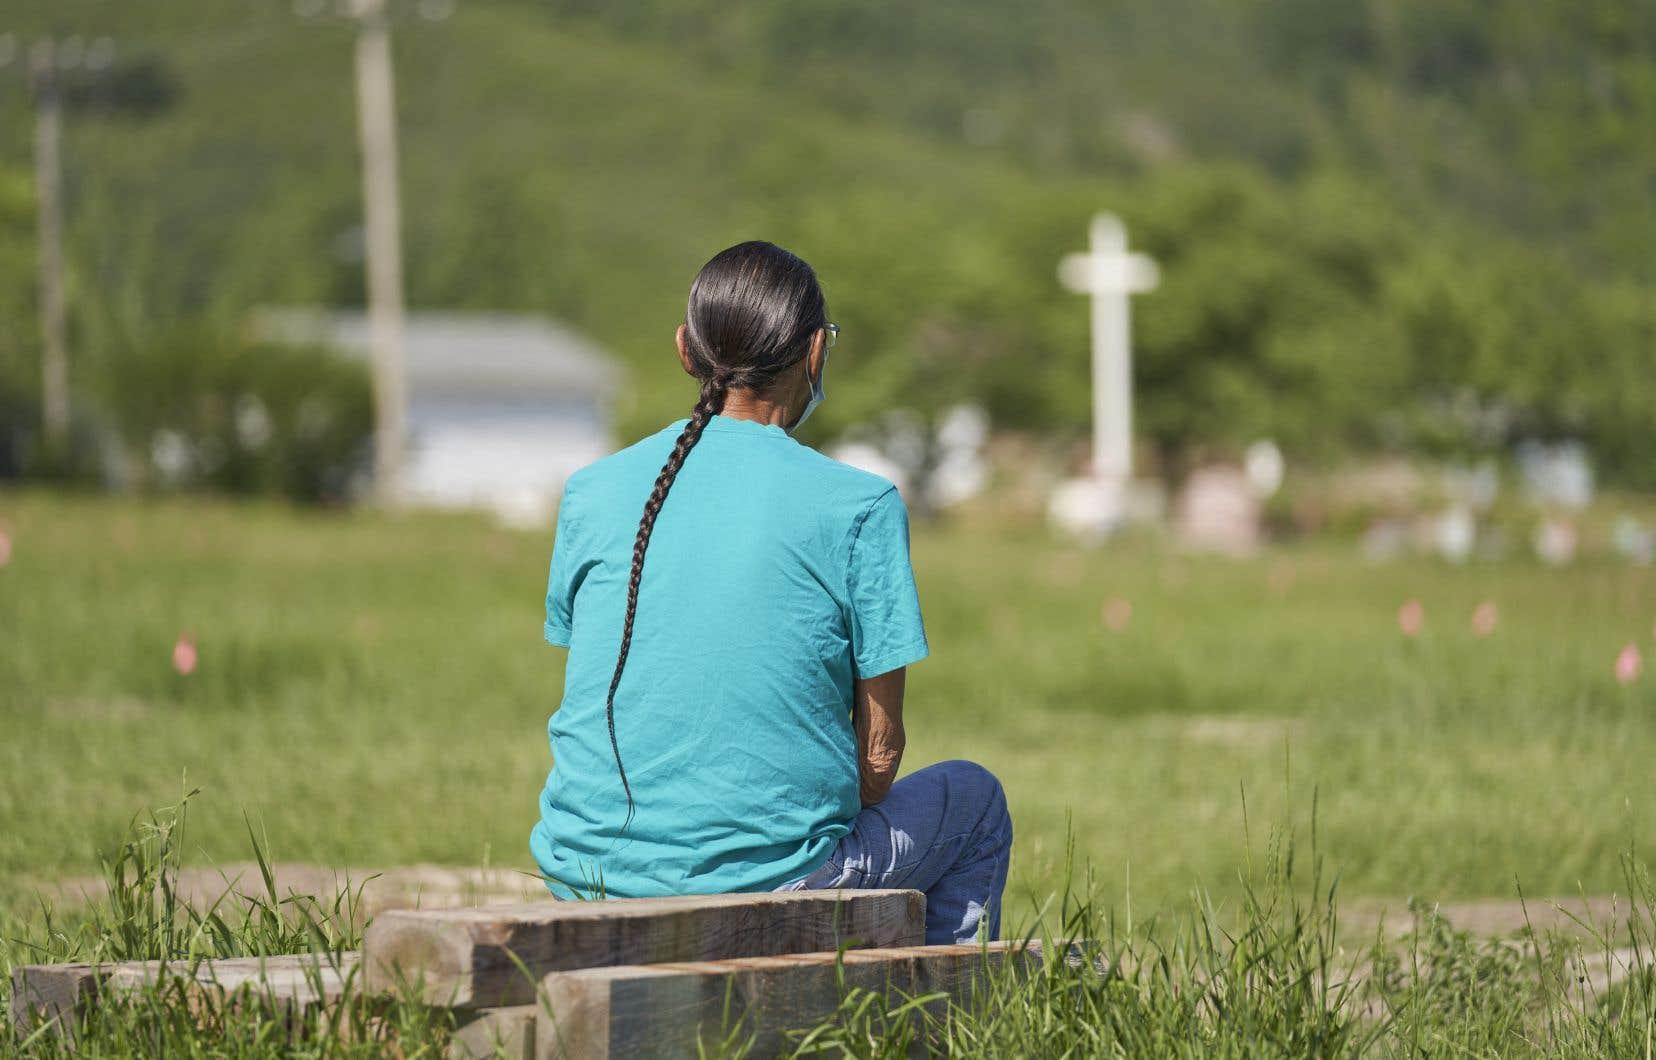 La découverte de 751 sépultures non identifiées sur le site de l'ancien pensionnat autochtone de Marieval, en Saskatchewan, a été dévoilée jeudi, semant l'émoi à travers le pays, mais aussi ailleurs dans le monde.